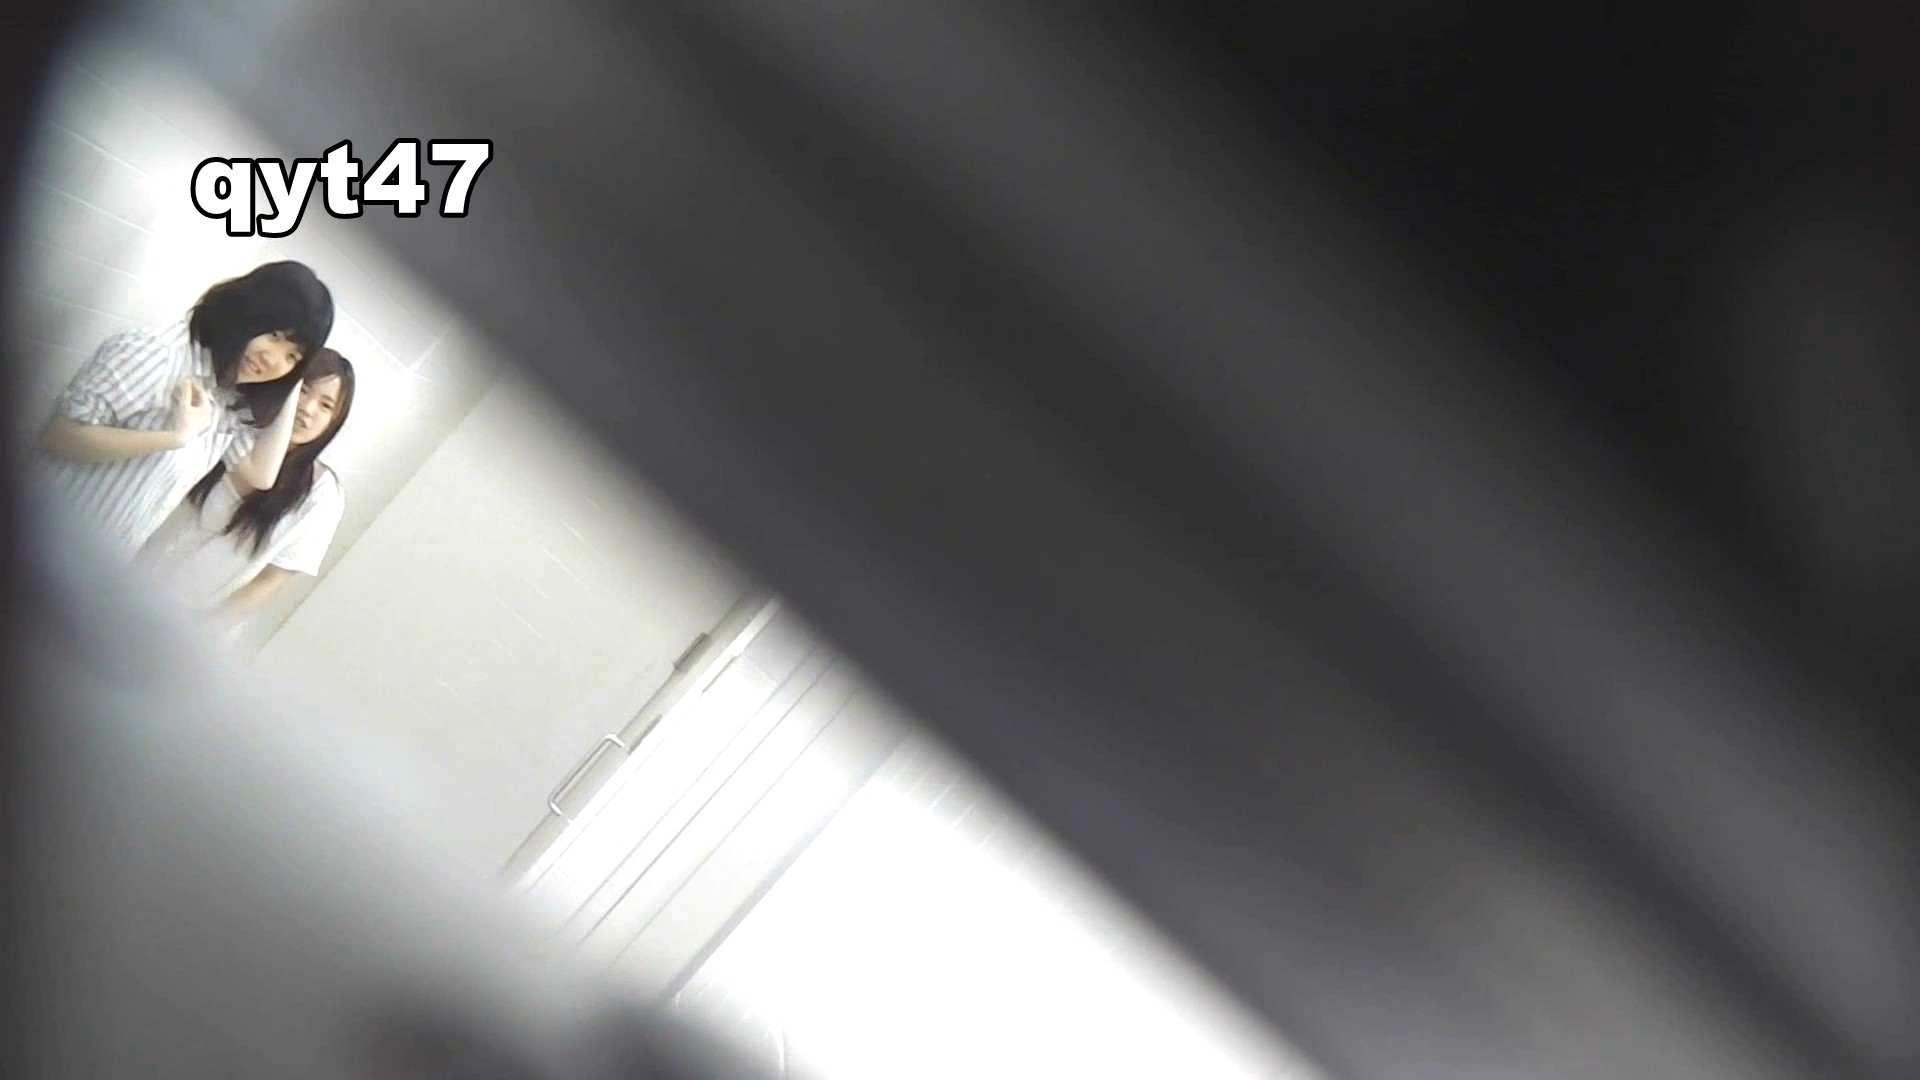 お銀さんの「洗面所突入レポート!!」 vol.47 (⌒-⌒)キラッ♪ 丸見え | ギャル攻め  86画像 61